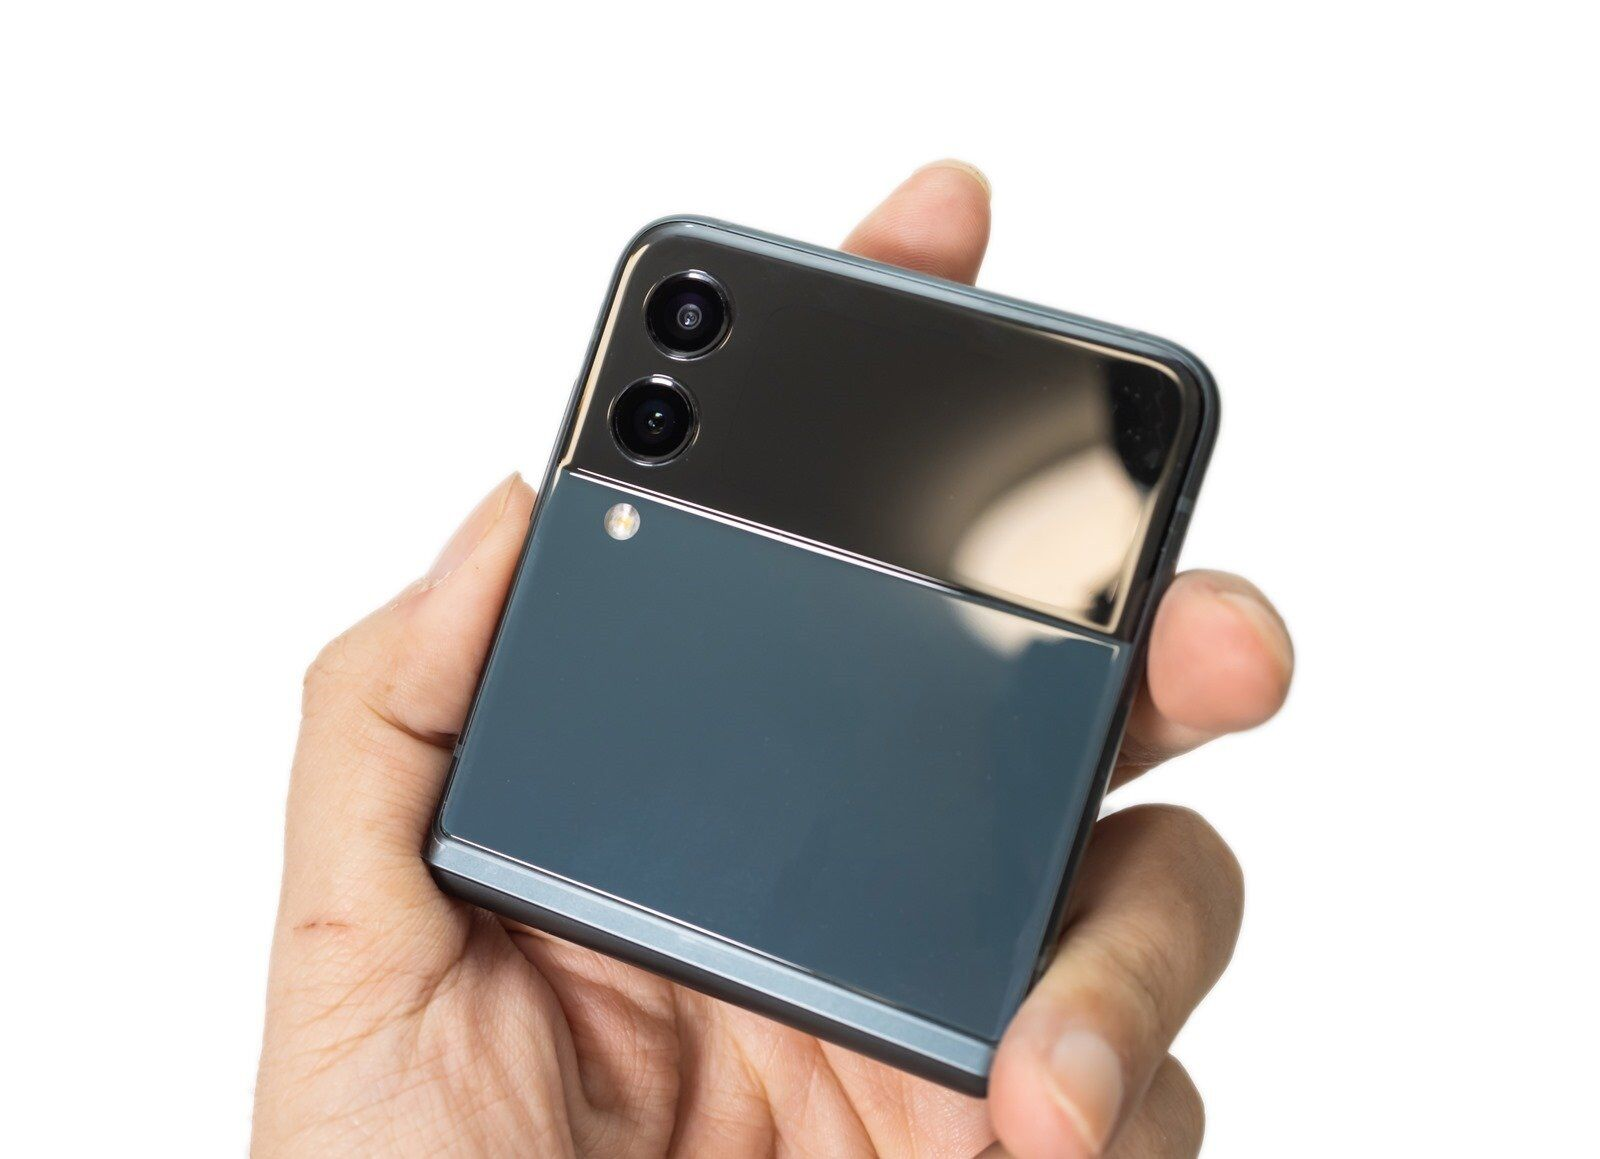 有一種實力叫顏值高!三星 Galaxy Z Flip3 5G 最美摺疊機展現自我風格 @3C 達人廖阿輝